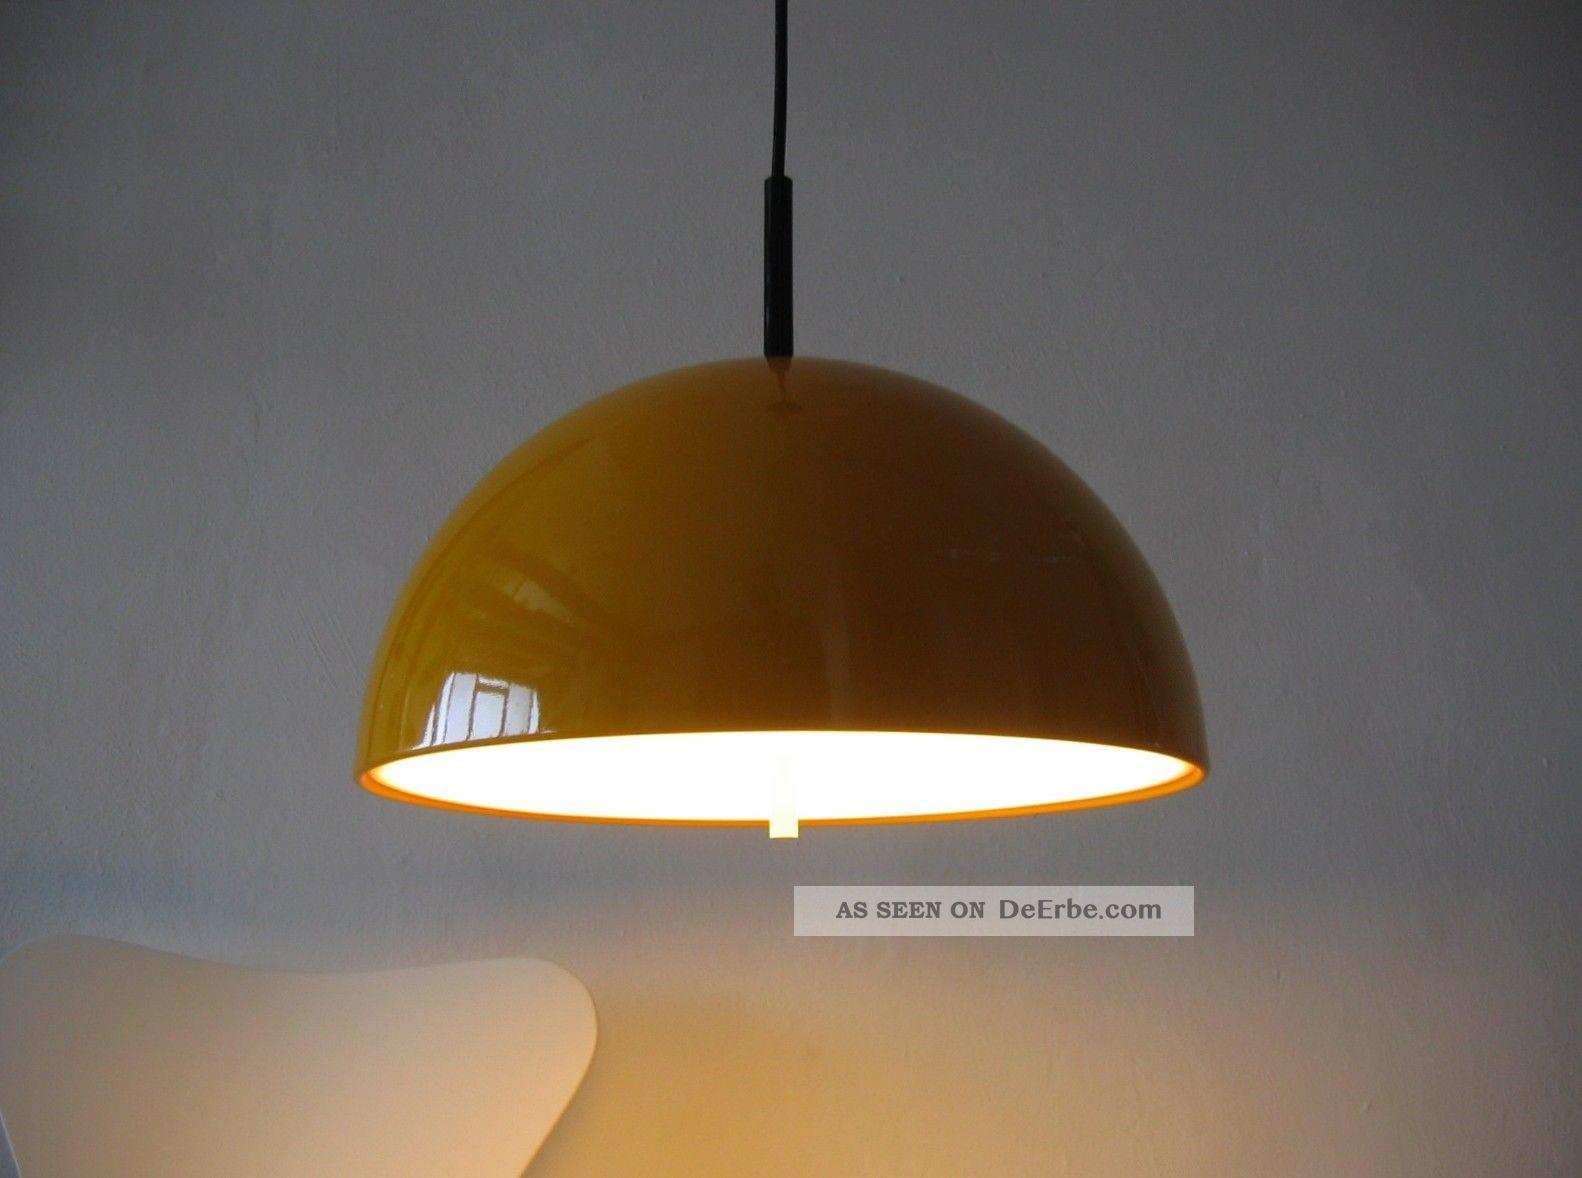 leiste f r dusche lichthaus halle ffnungszeiten. Black Bedroom Furniture Sets. Home Design Ideas